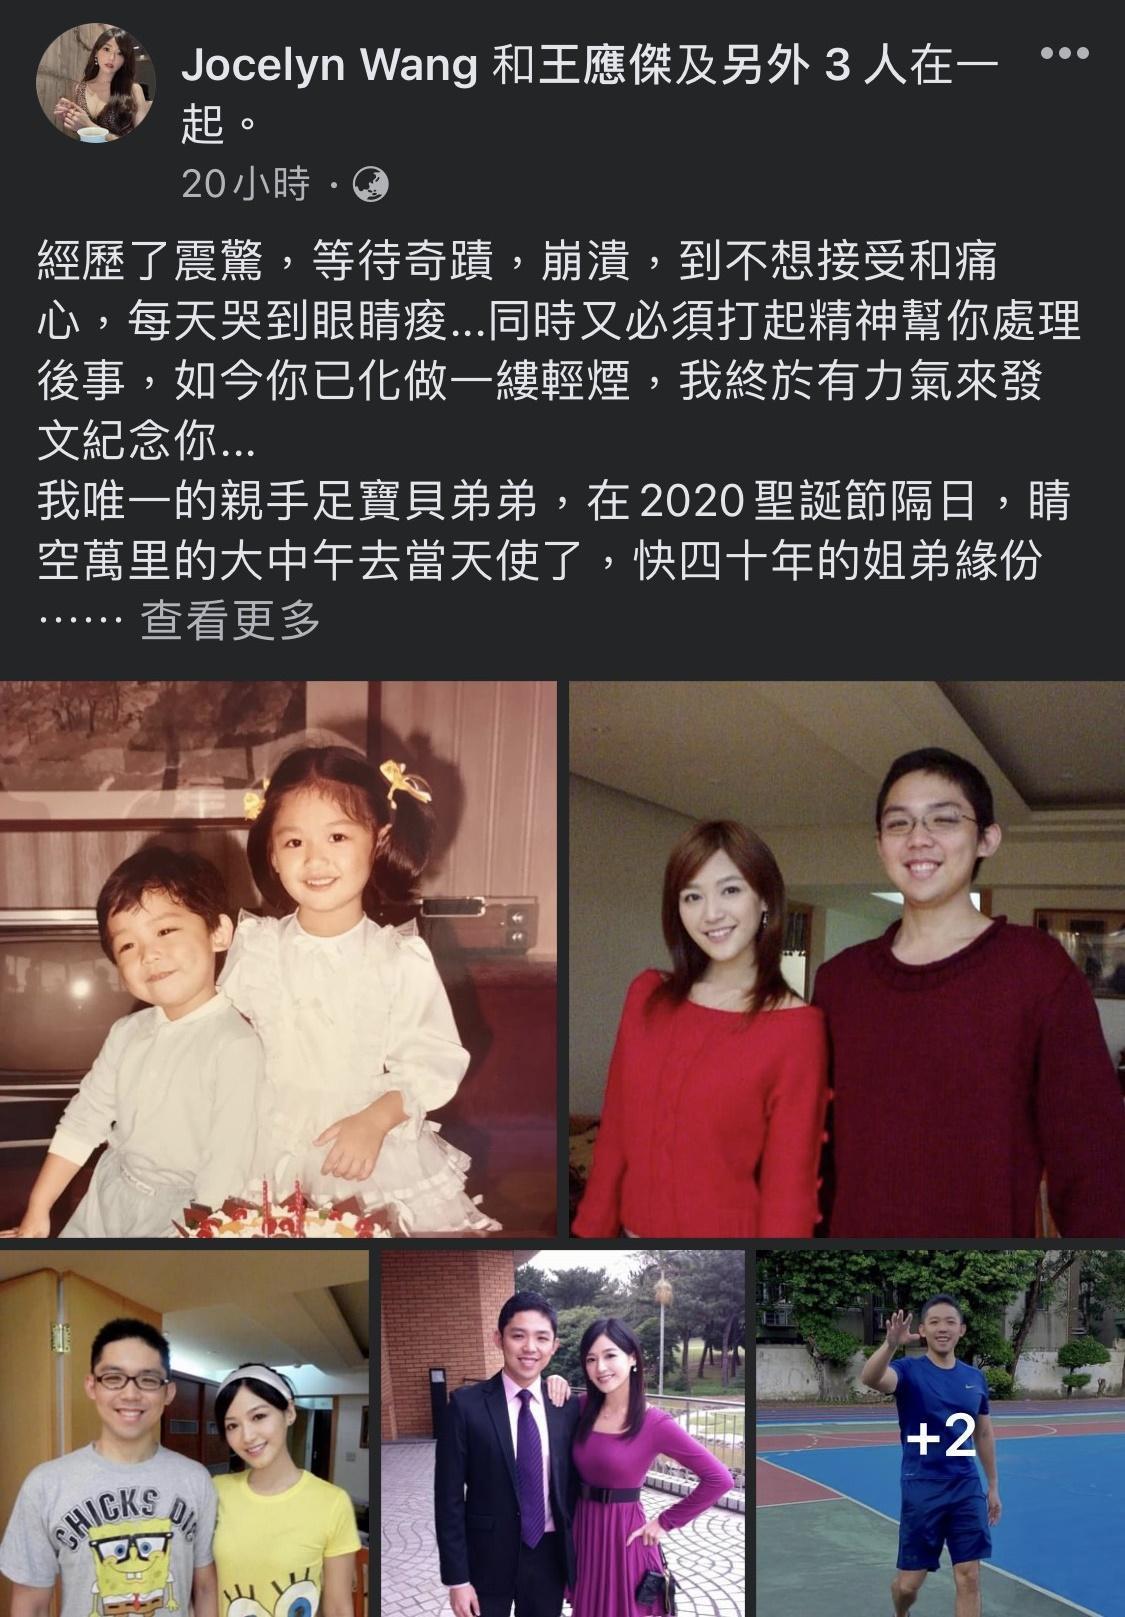 王怡仁對於弟弟王怡中的去世相當痛心,特別在臉書發文悼念。(翻攝自王怡仁臉書)